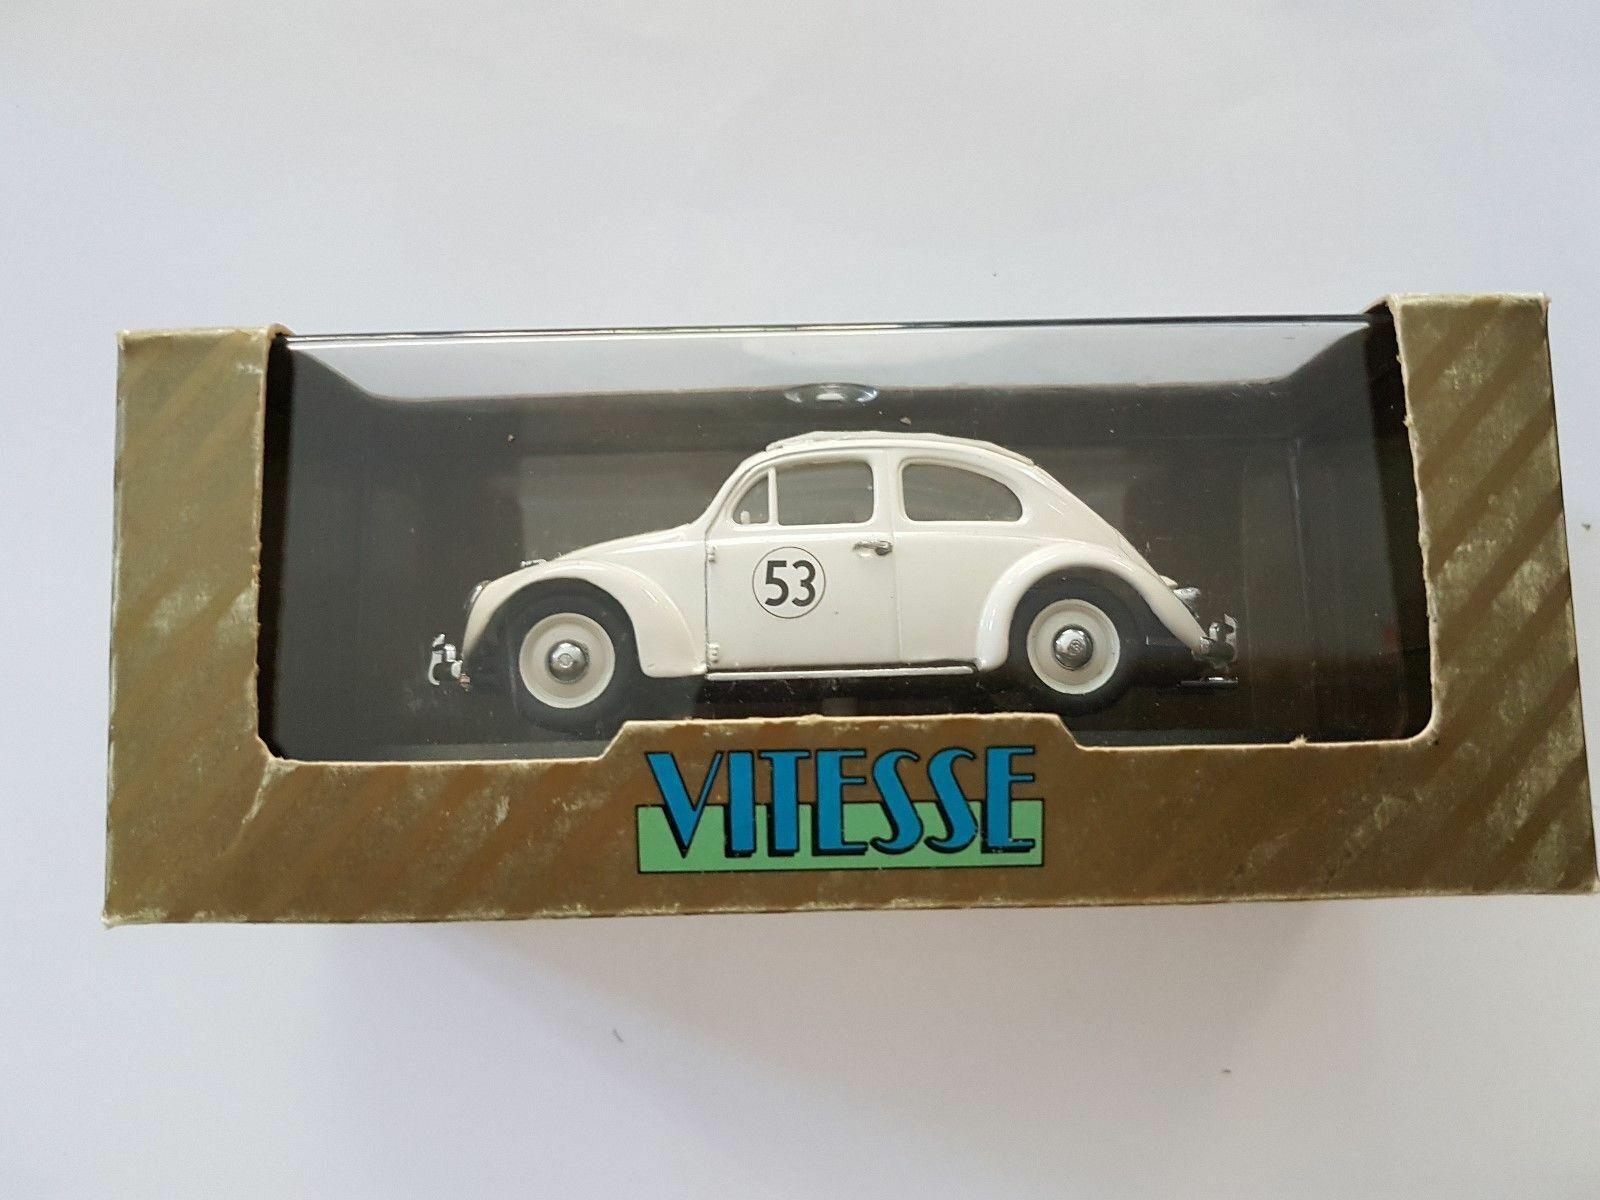 Escaso Vitesse VW Beetle Herbie 53 Cerrado Techo Solar 1 43 Ltd Edt En Caja Original